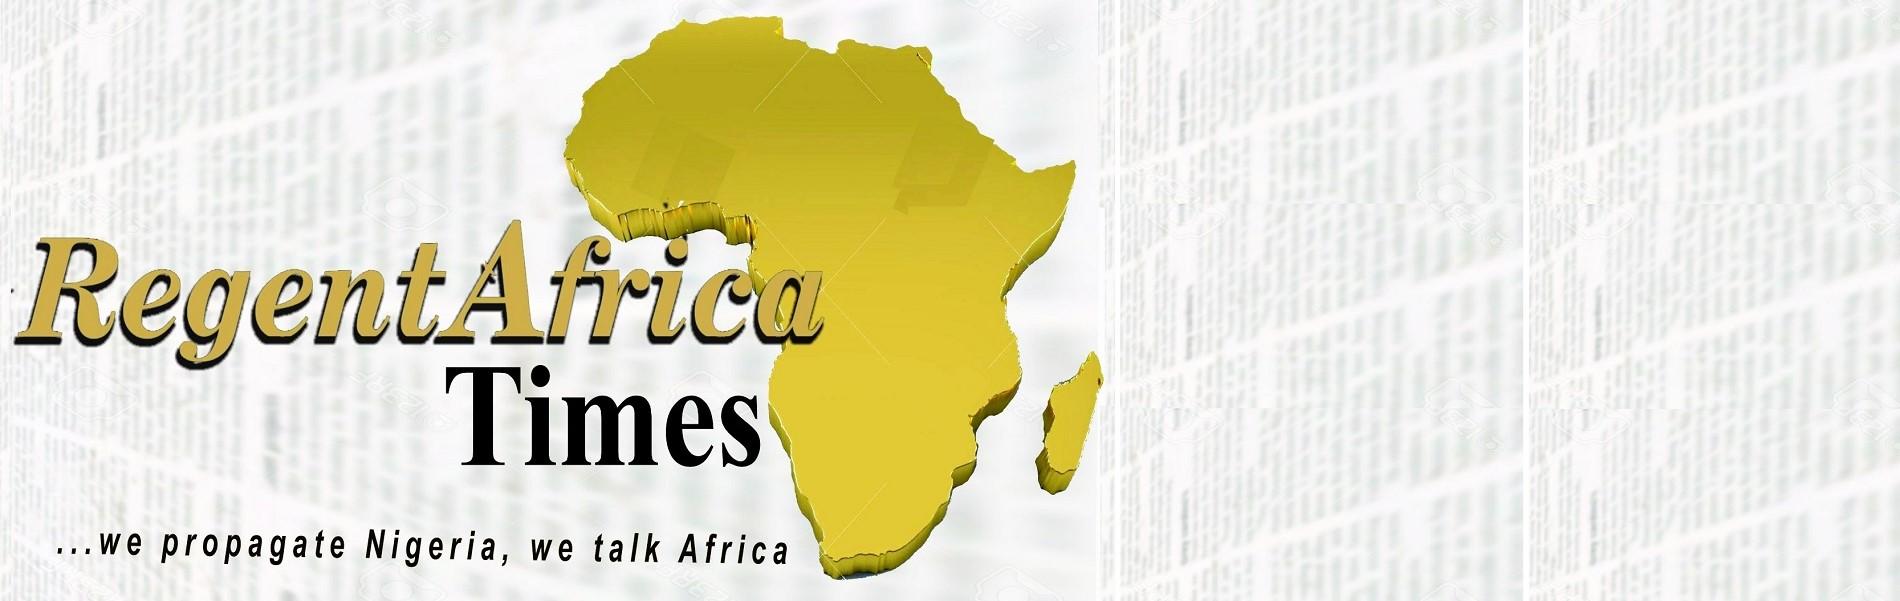 RegentAfrica Times